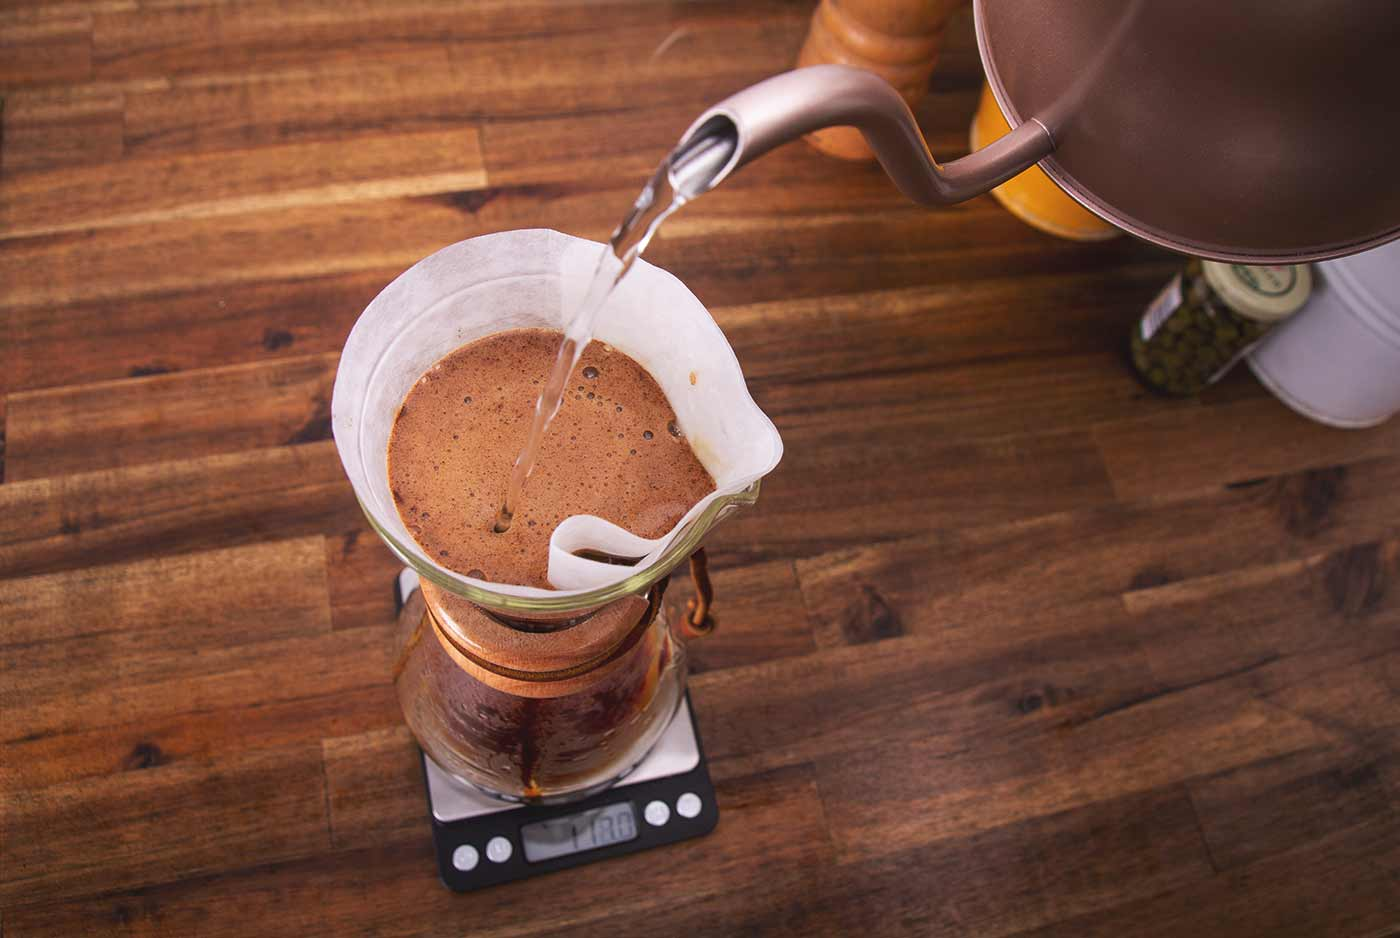 Schritt 4: Den Kaffee übergießen